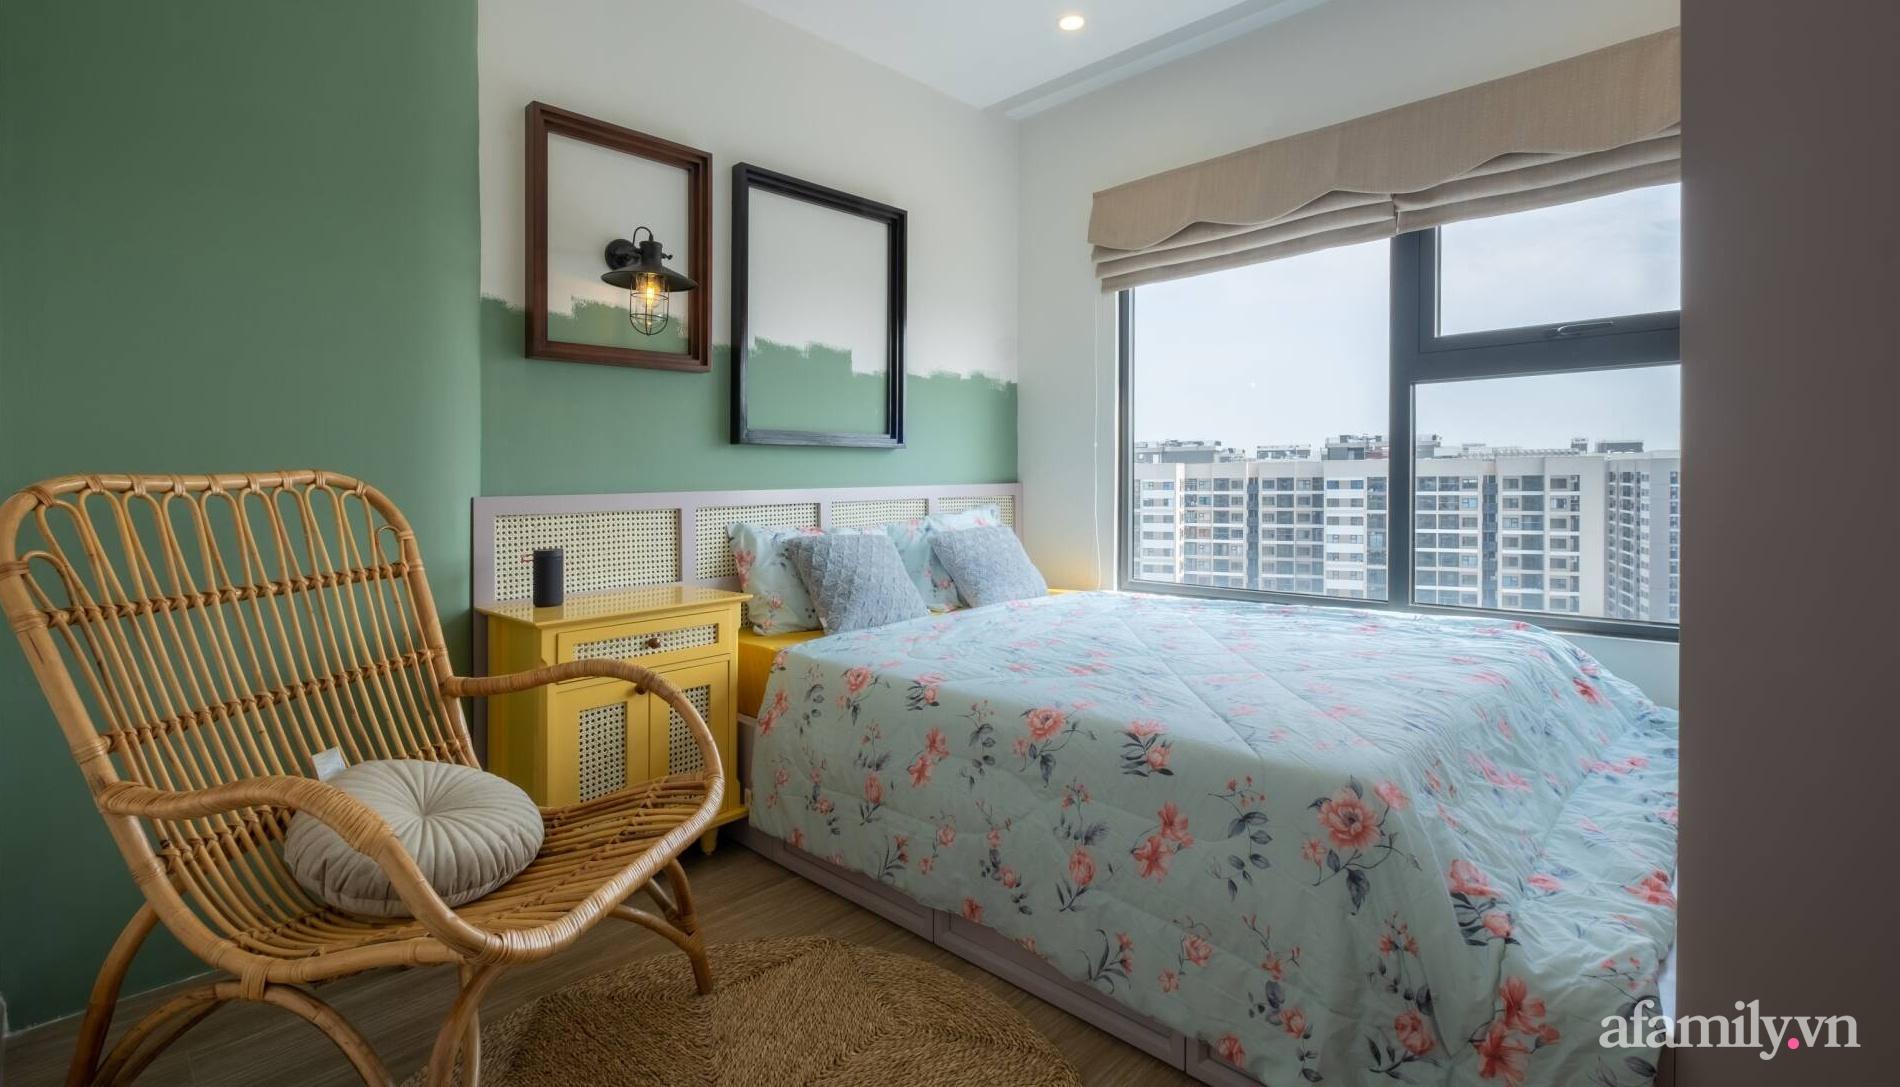 Căn hộ 3 phòng ngủ đẹp tinh tế với phong cách Indochine ở Vinhomes Ocean Park, Hà Nội - Ảnh 10.